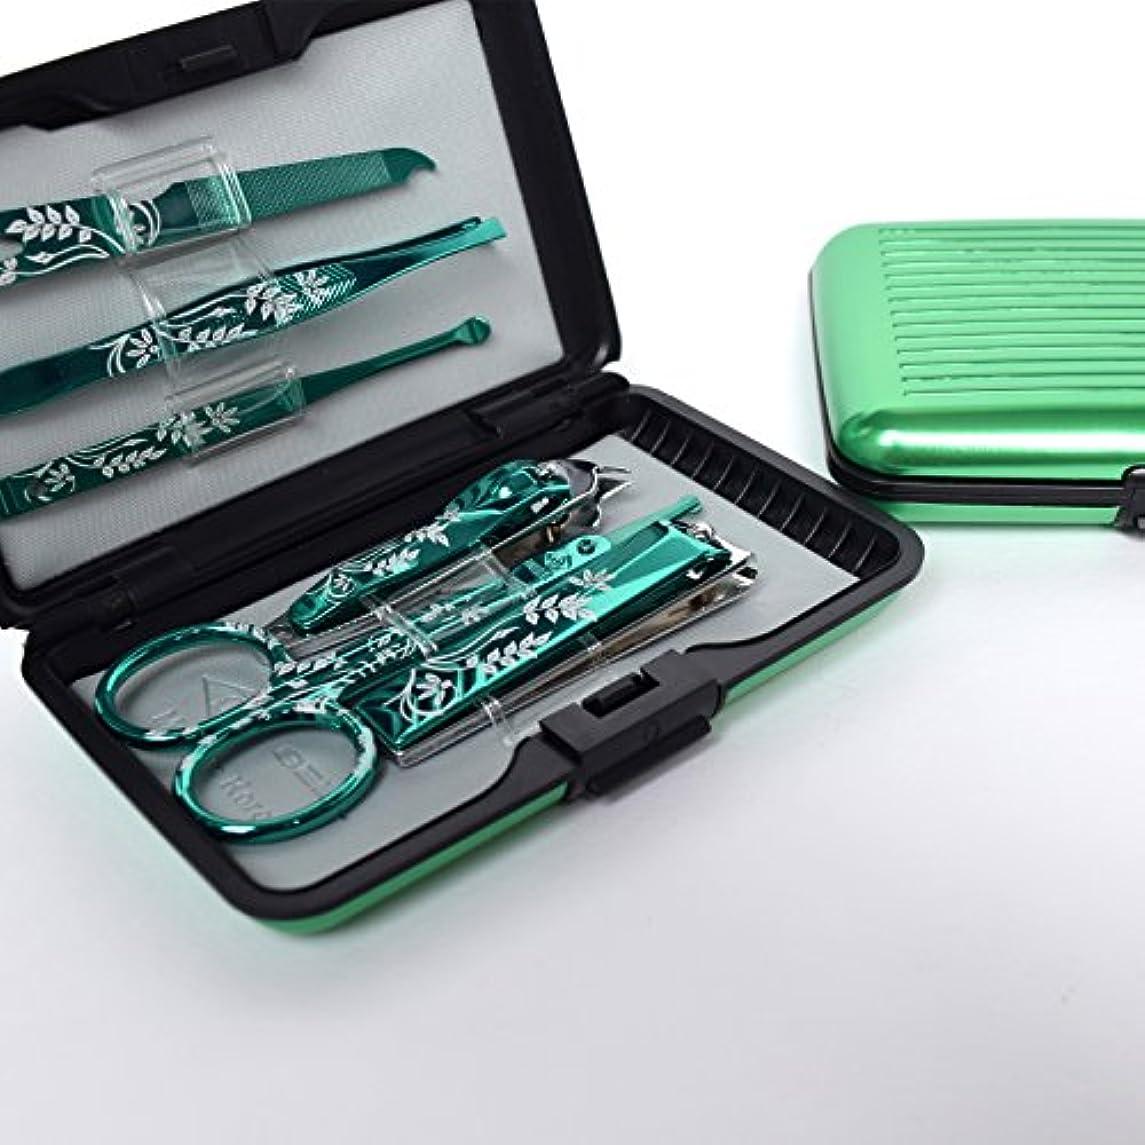 ドームエレクトロニック大使館BELL Manicure Sets BM-800A ポータブル爪の管理セット 爪切りセット 高品質のネイルケアセット花モチーフのイラストデザイン Portable Nail Clippers Nail Care Set